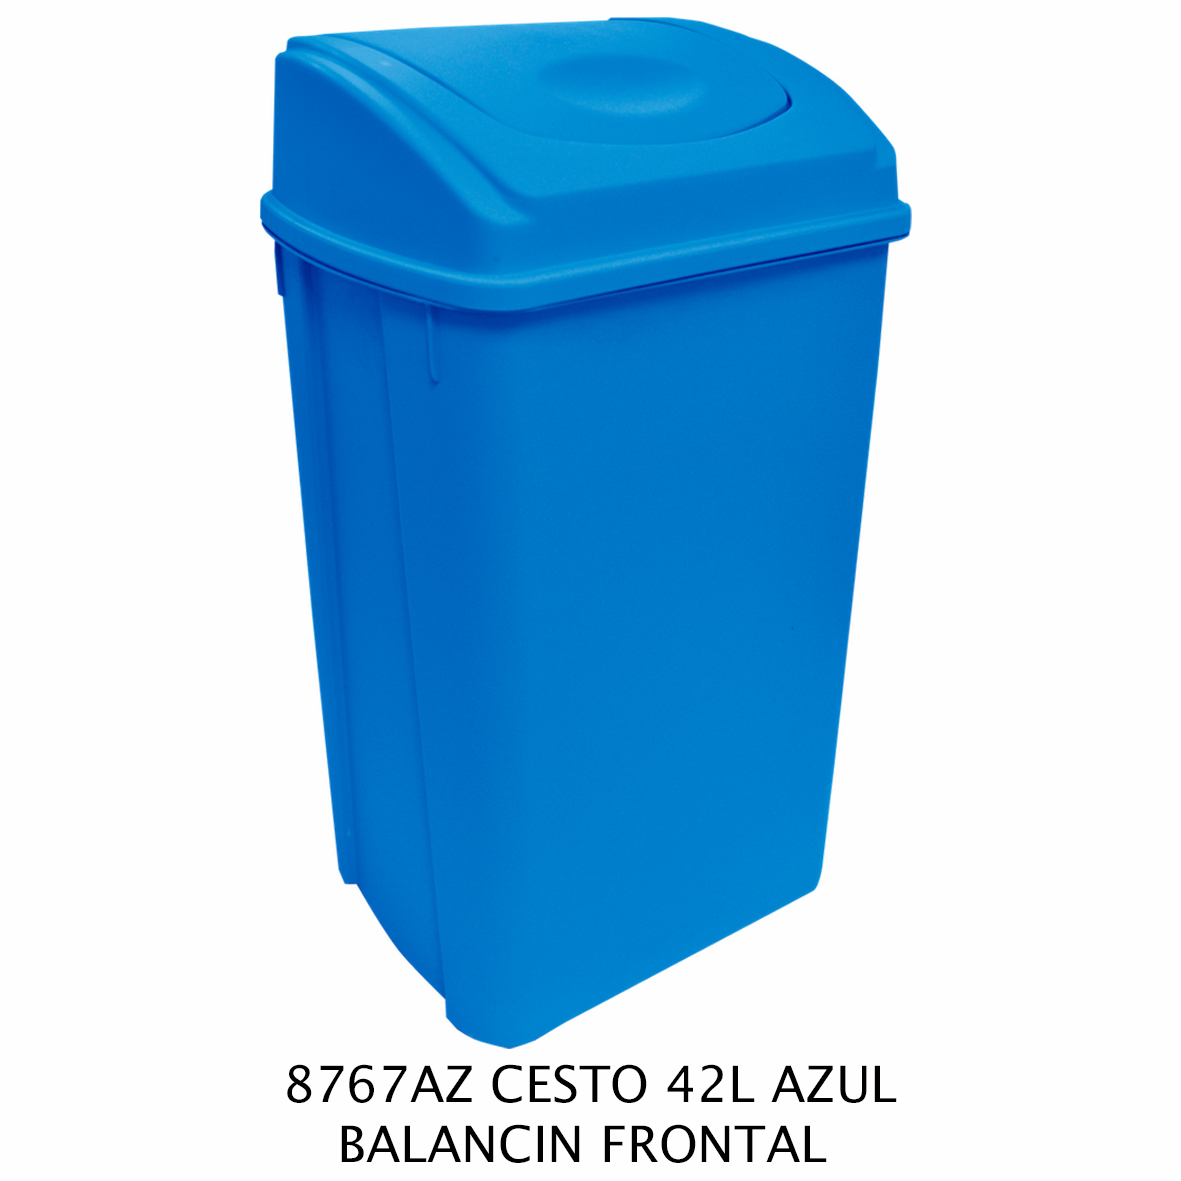 Bote de basura de 42 litros con balancín frontal color azul modelo 8767AZ de Sablón